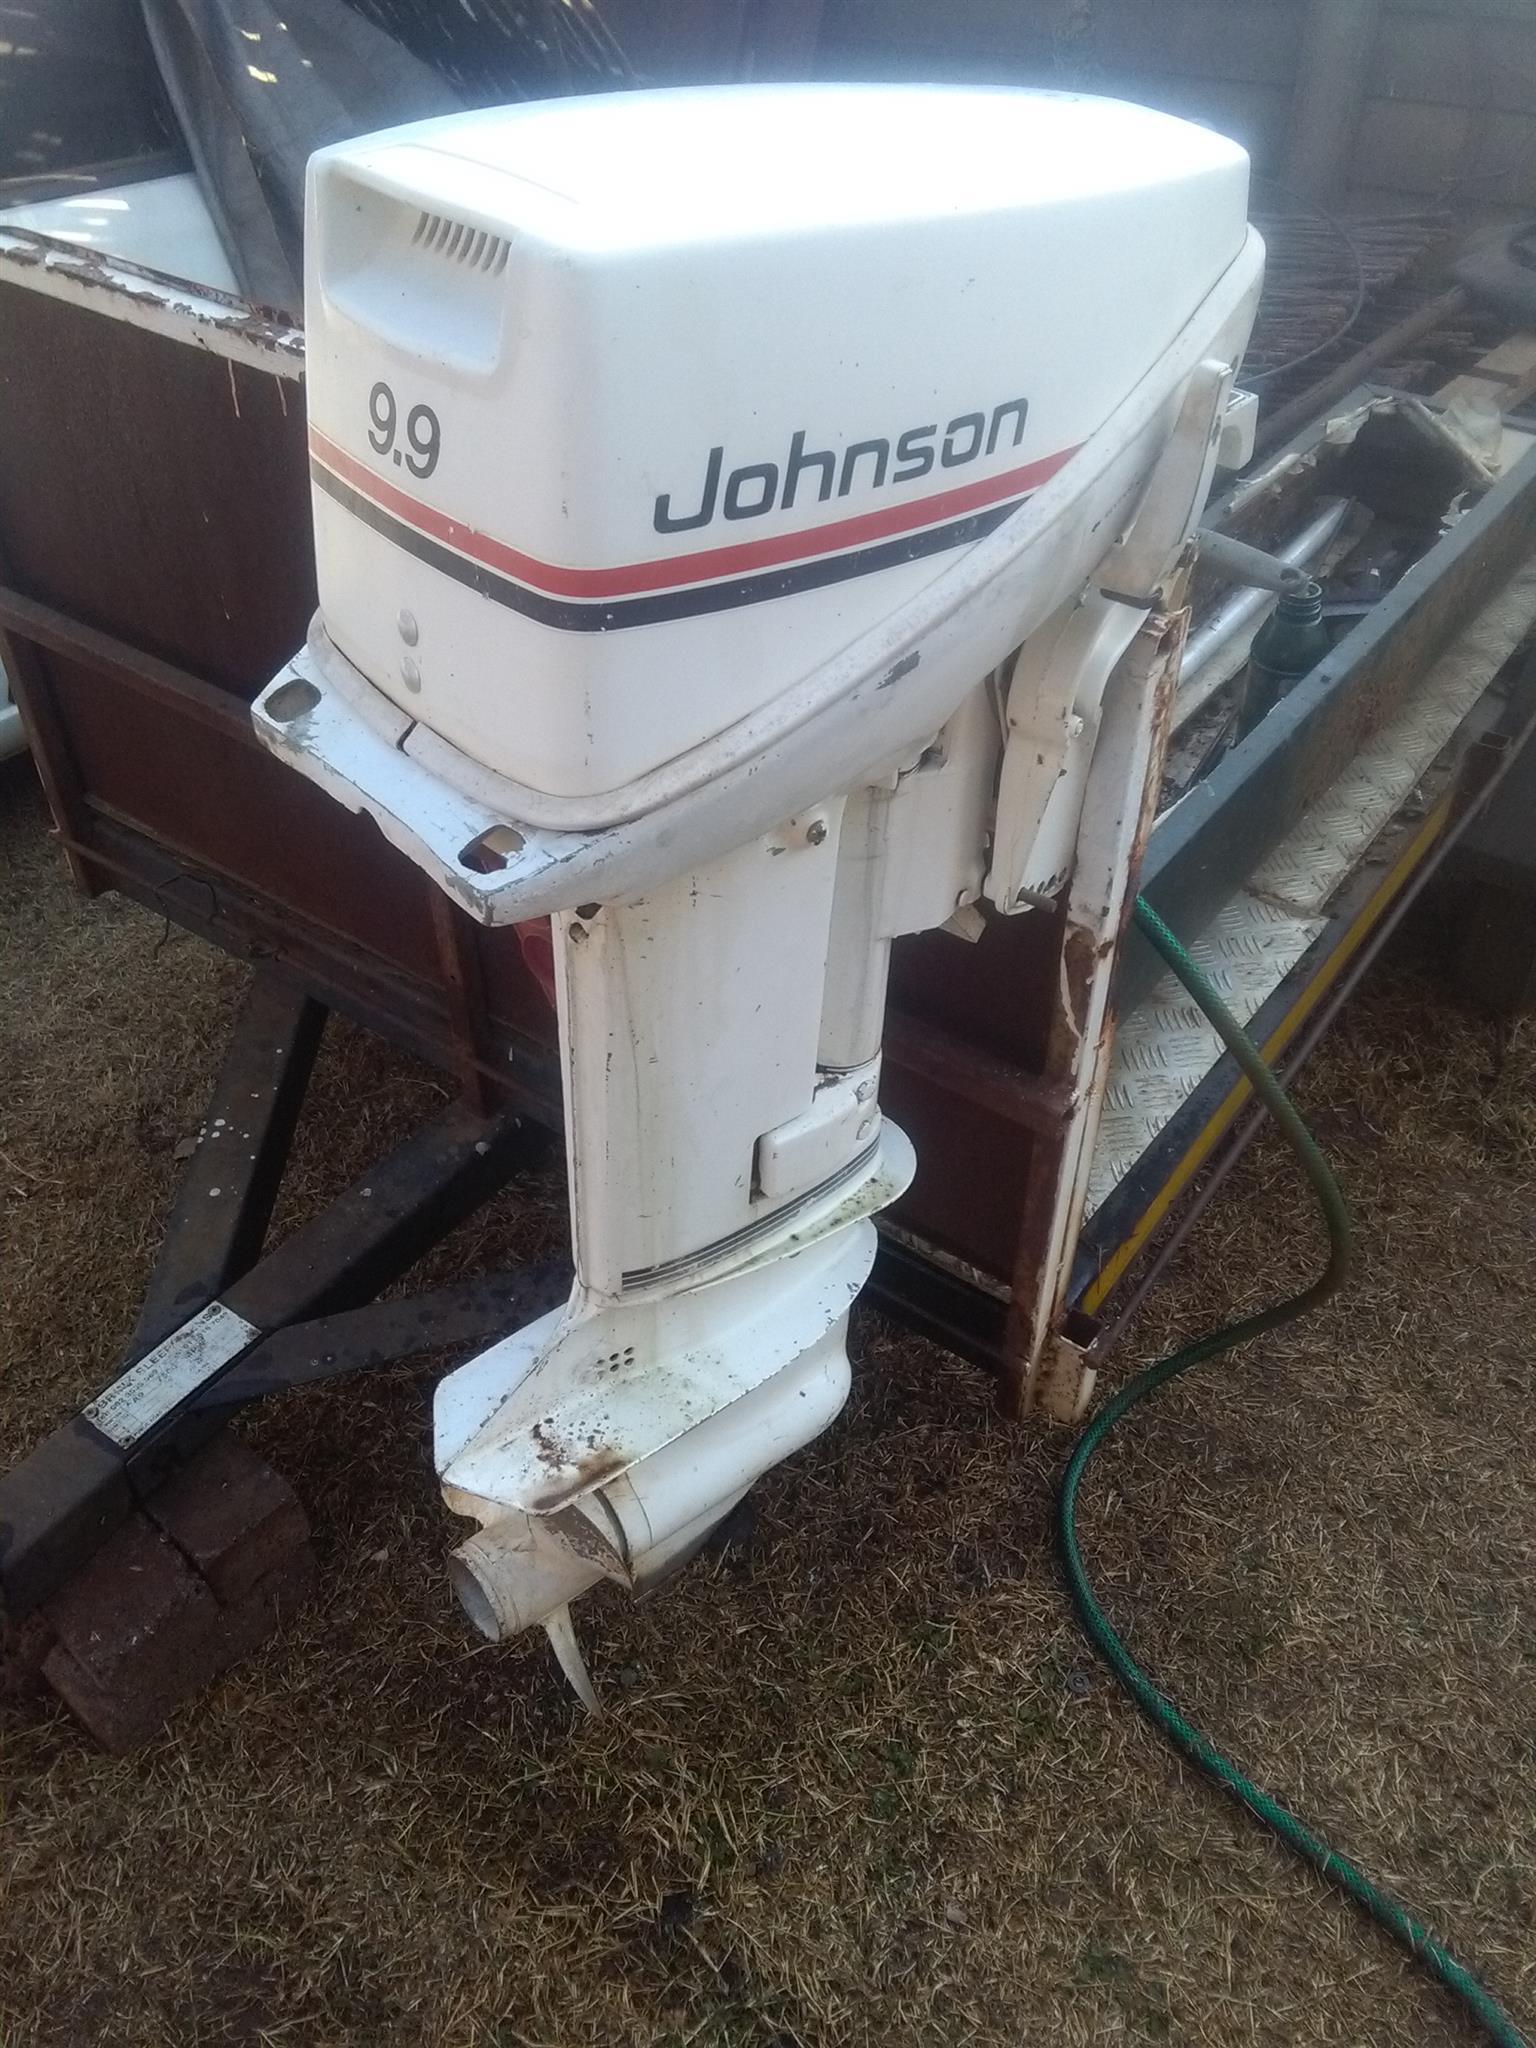 9.9:-hP jonson short shaft